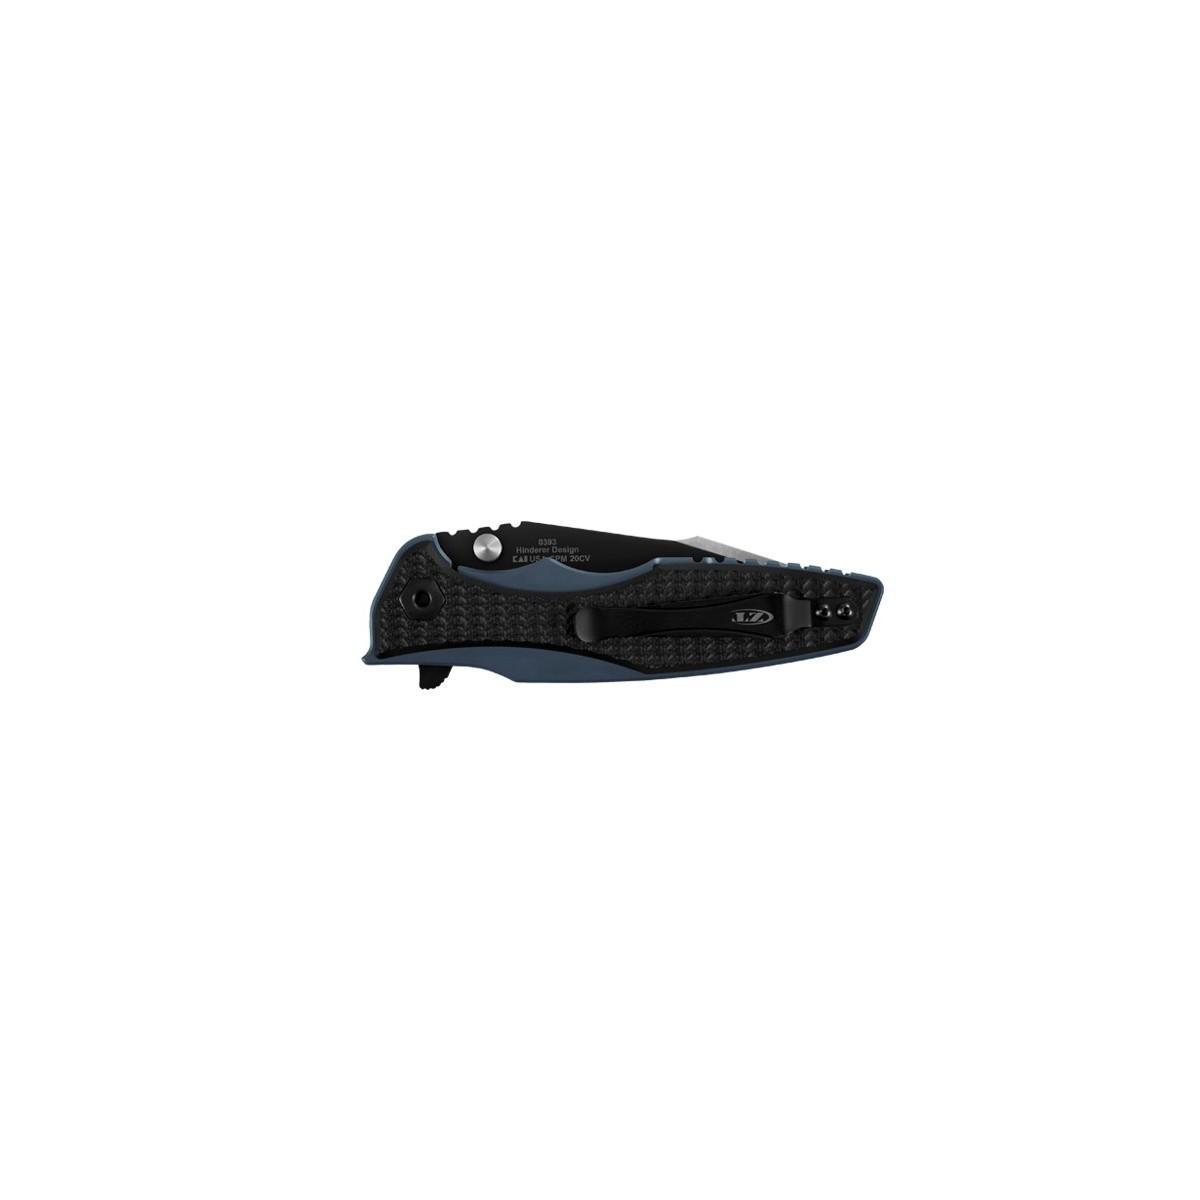 """มีดพับ Zero Tolerance Hinderer 0393 Frame Lock Knife Black G-10 (3.5"""" Two-Tone) ZT0393"""